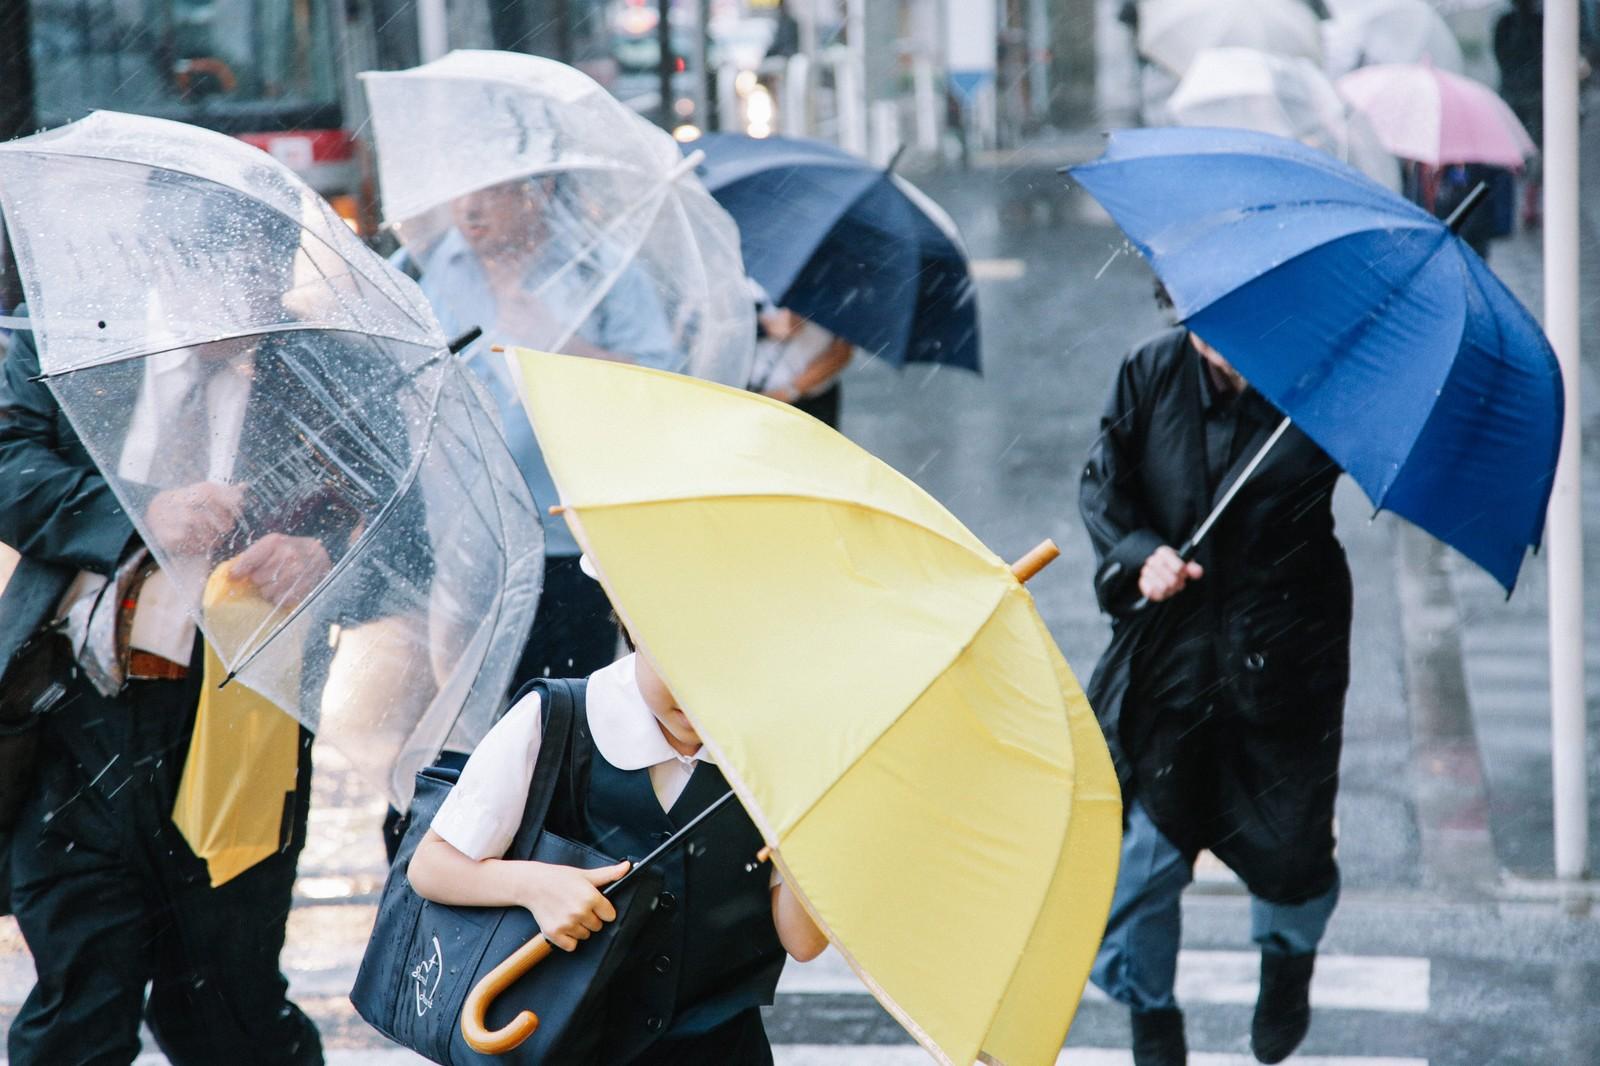 大雨で傘をさす人たち